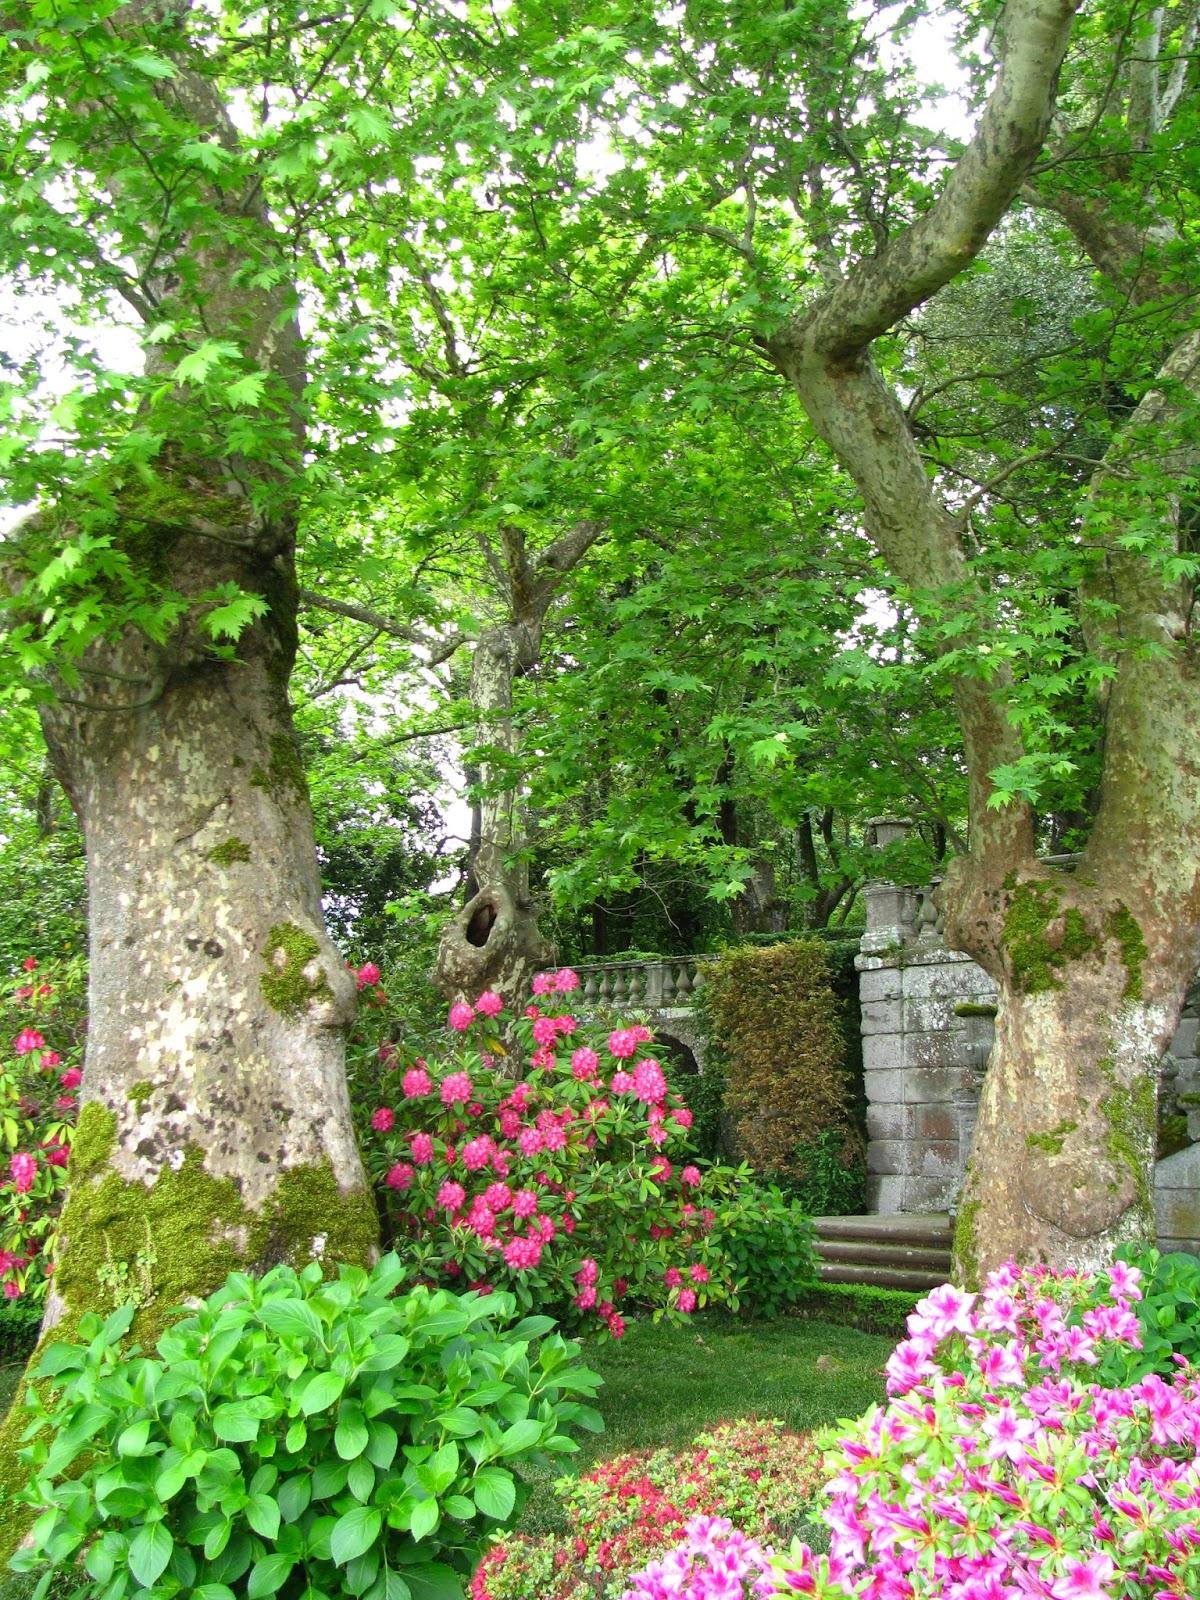 Cultural corner villa lante di bagnaia il giardino - Gradoni giardino ...